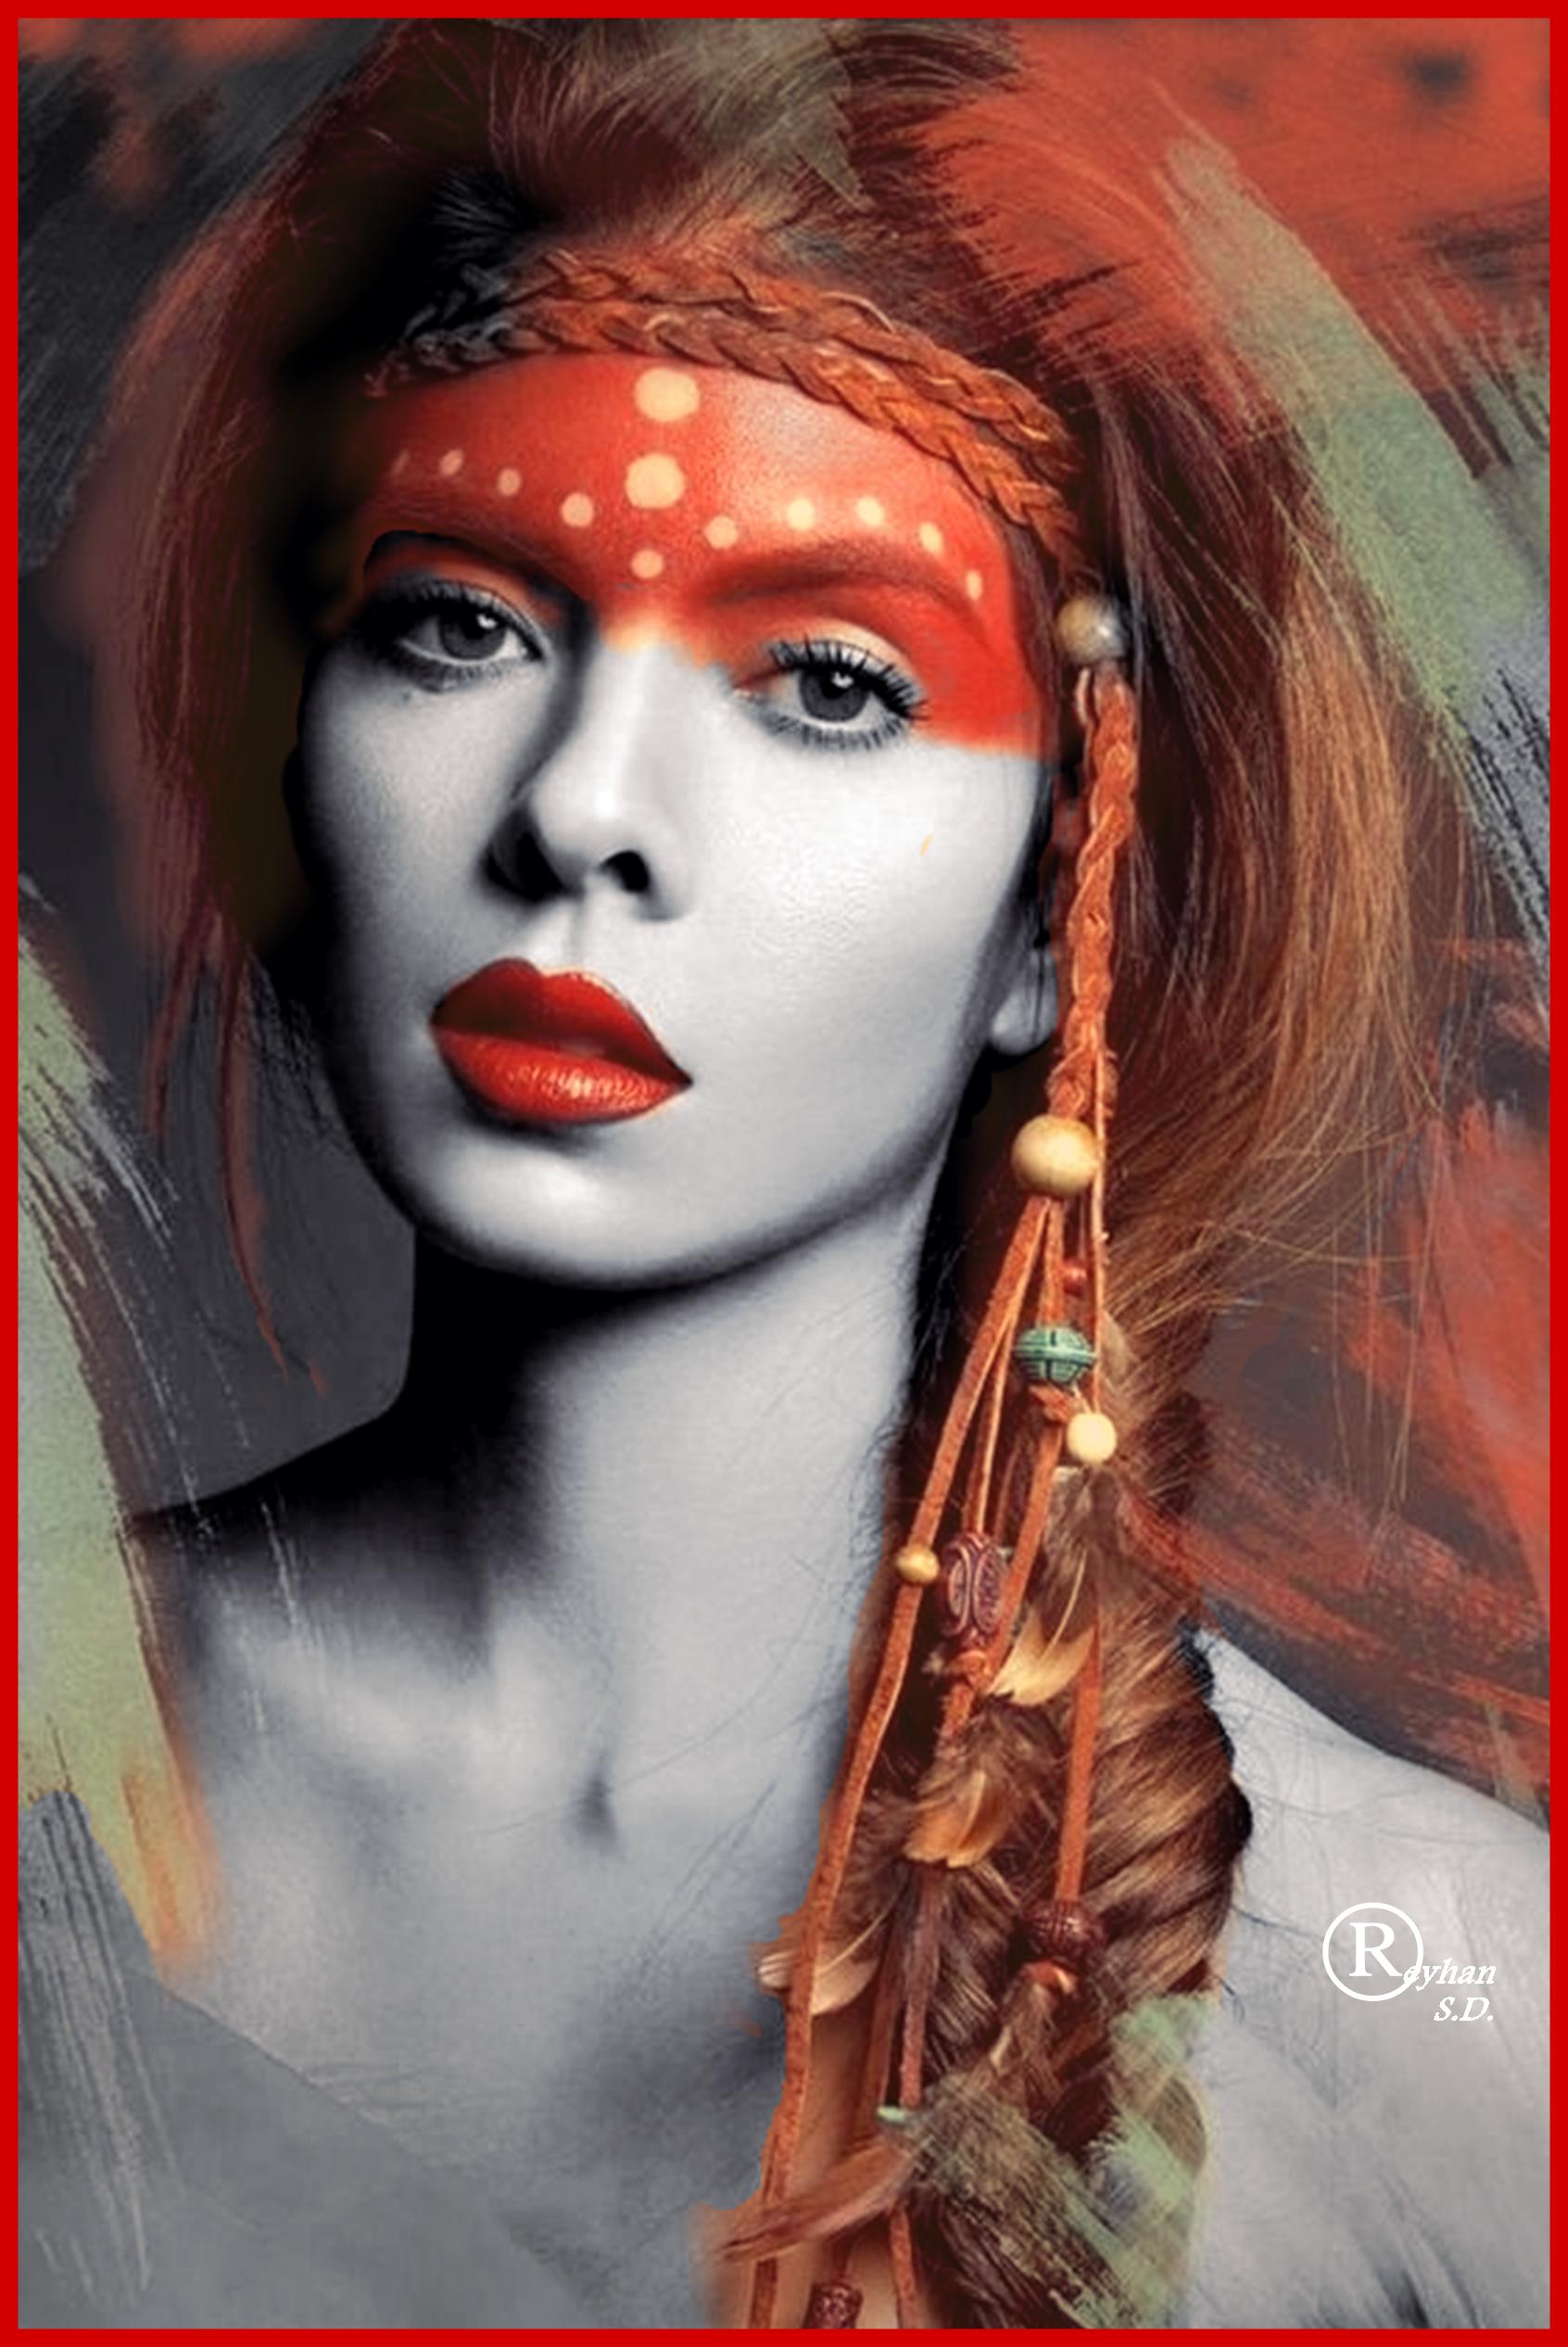 Color Splash by Reyhan S.D. Kadin yüzü, Bohem saç bandı